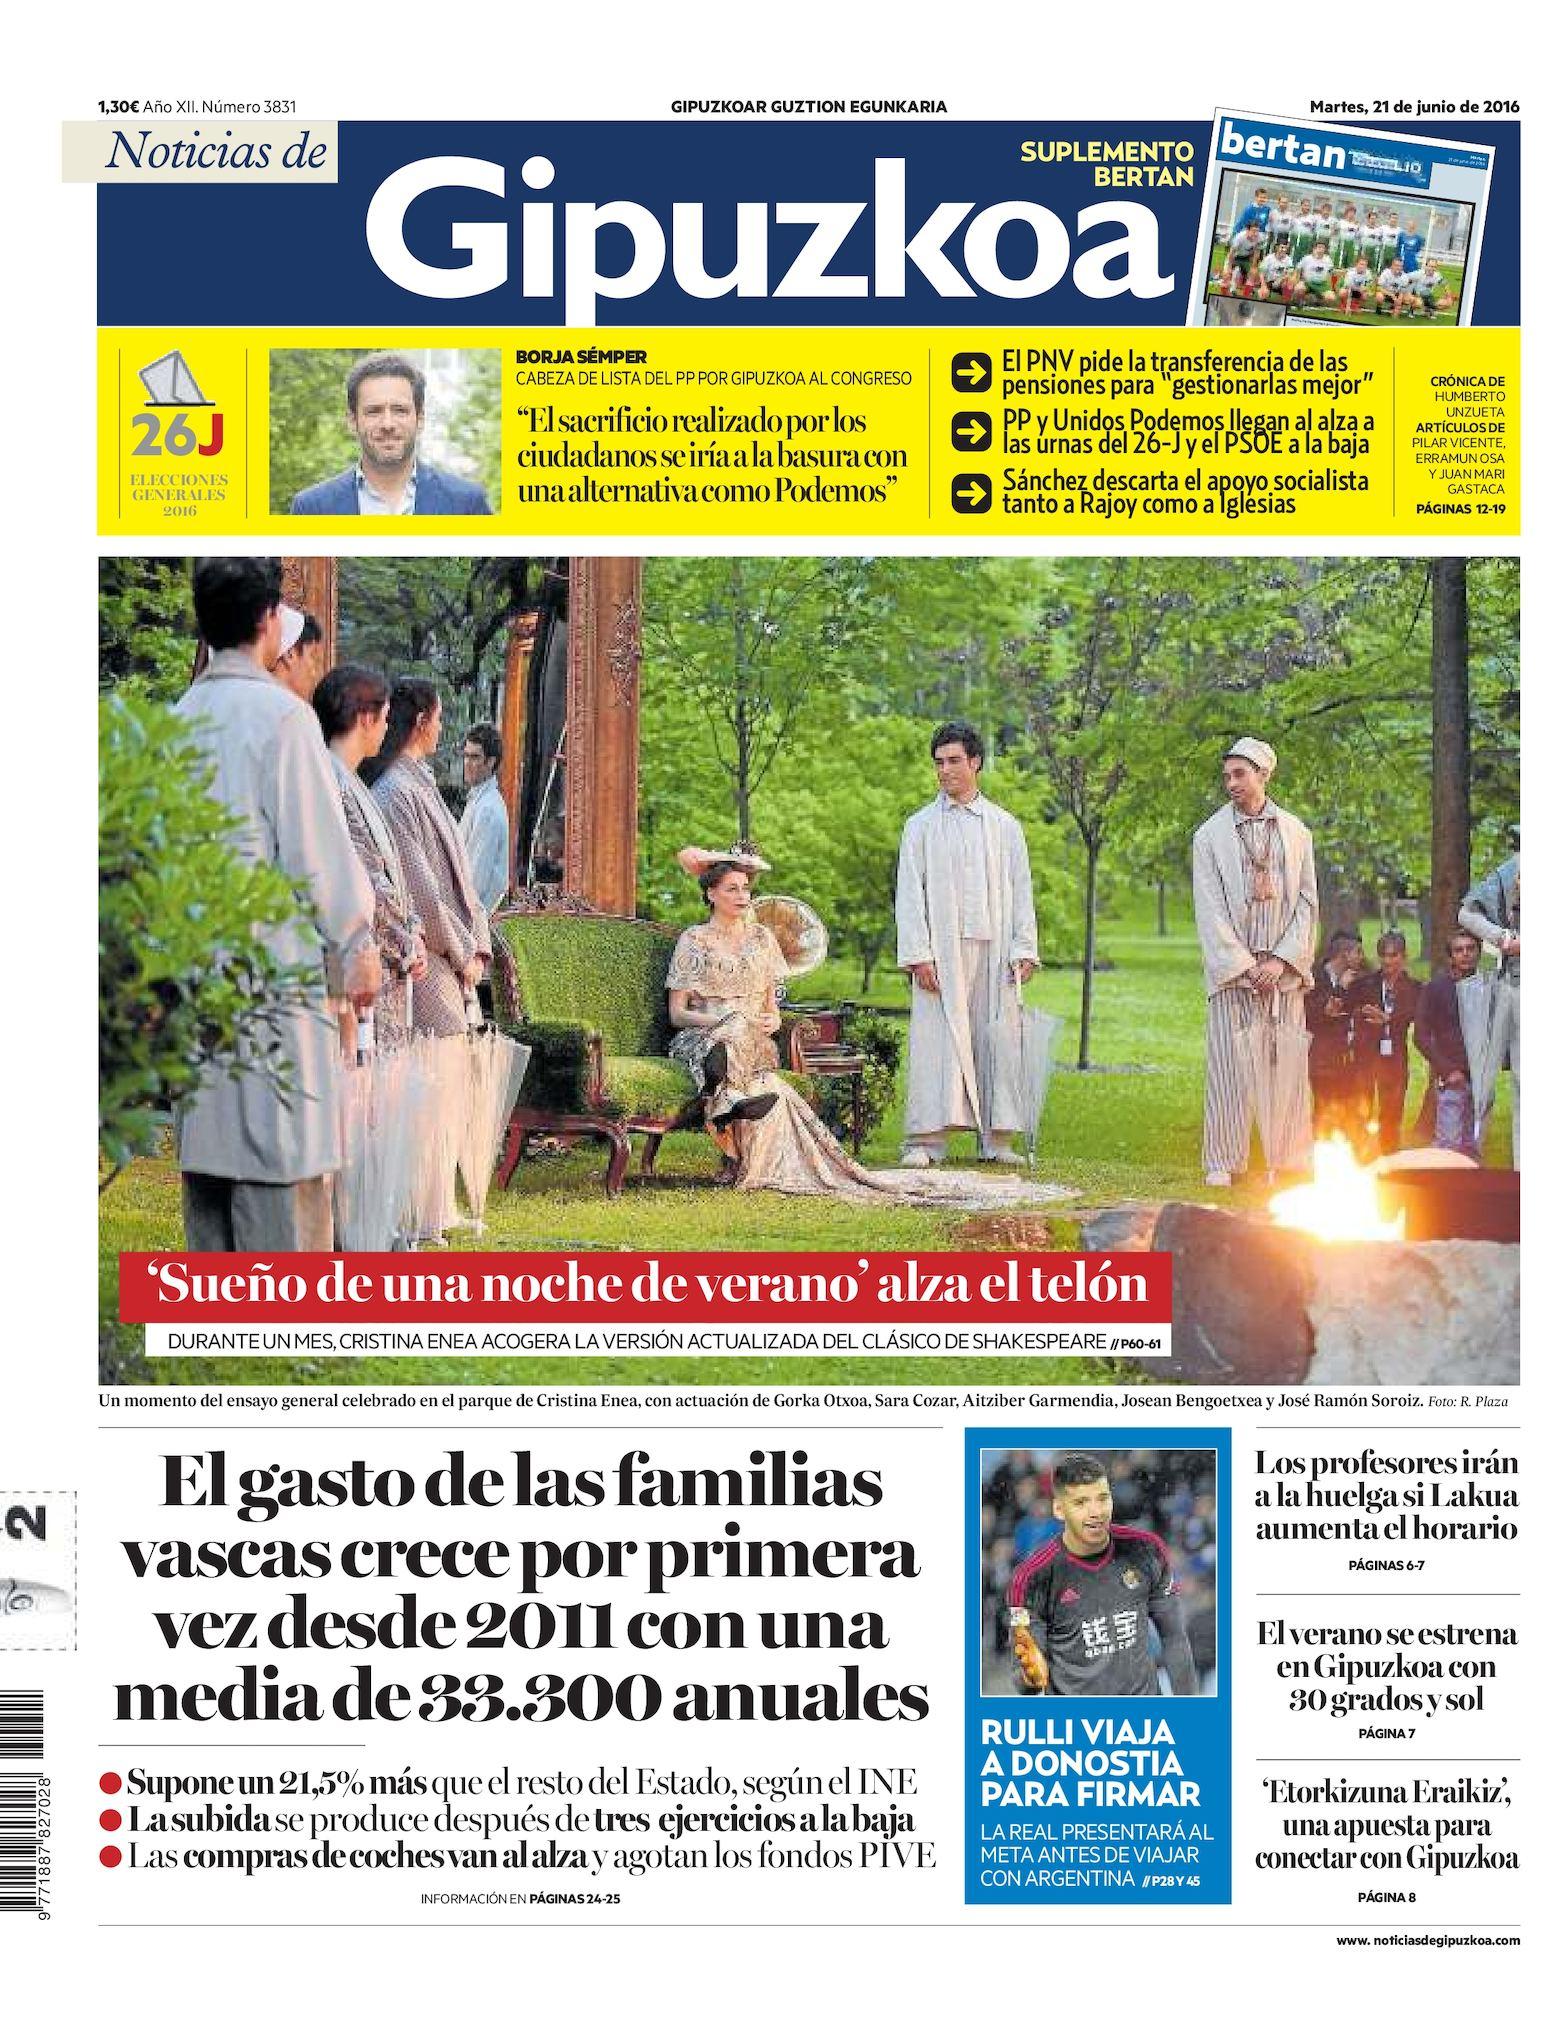 Actrices Porno Mejor Votadas 2016 calaméo - noticias de gipuzkoa 20160621